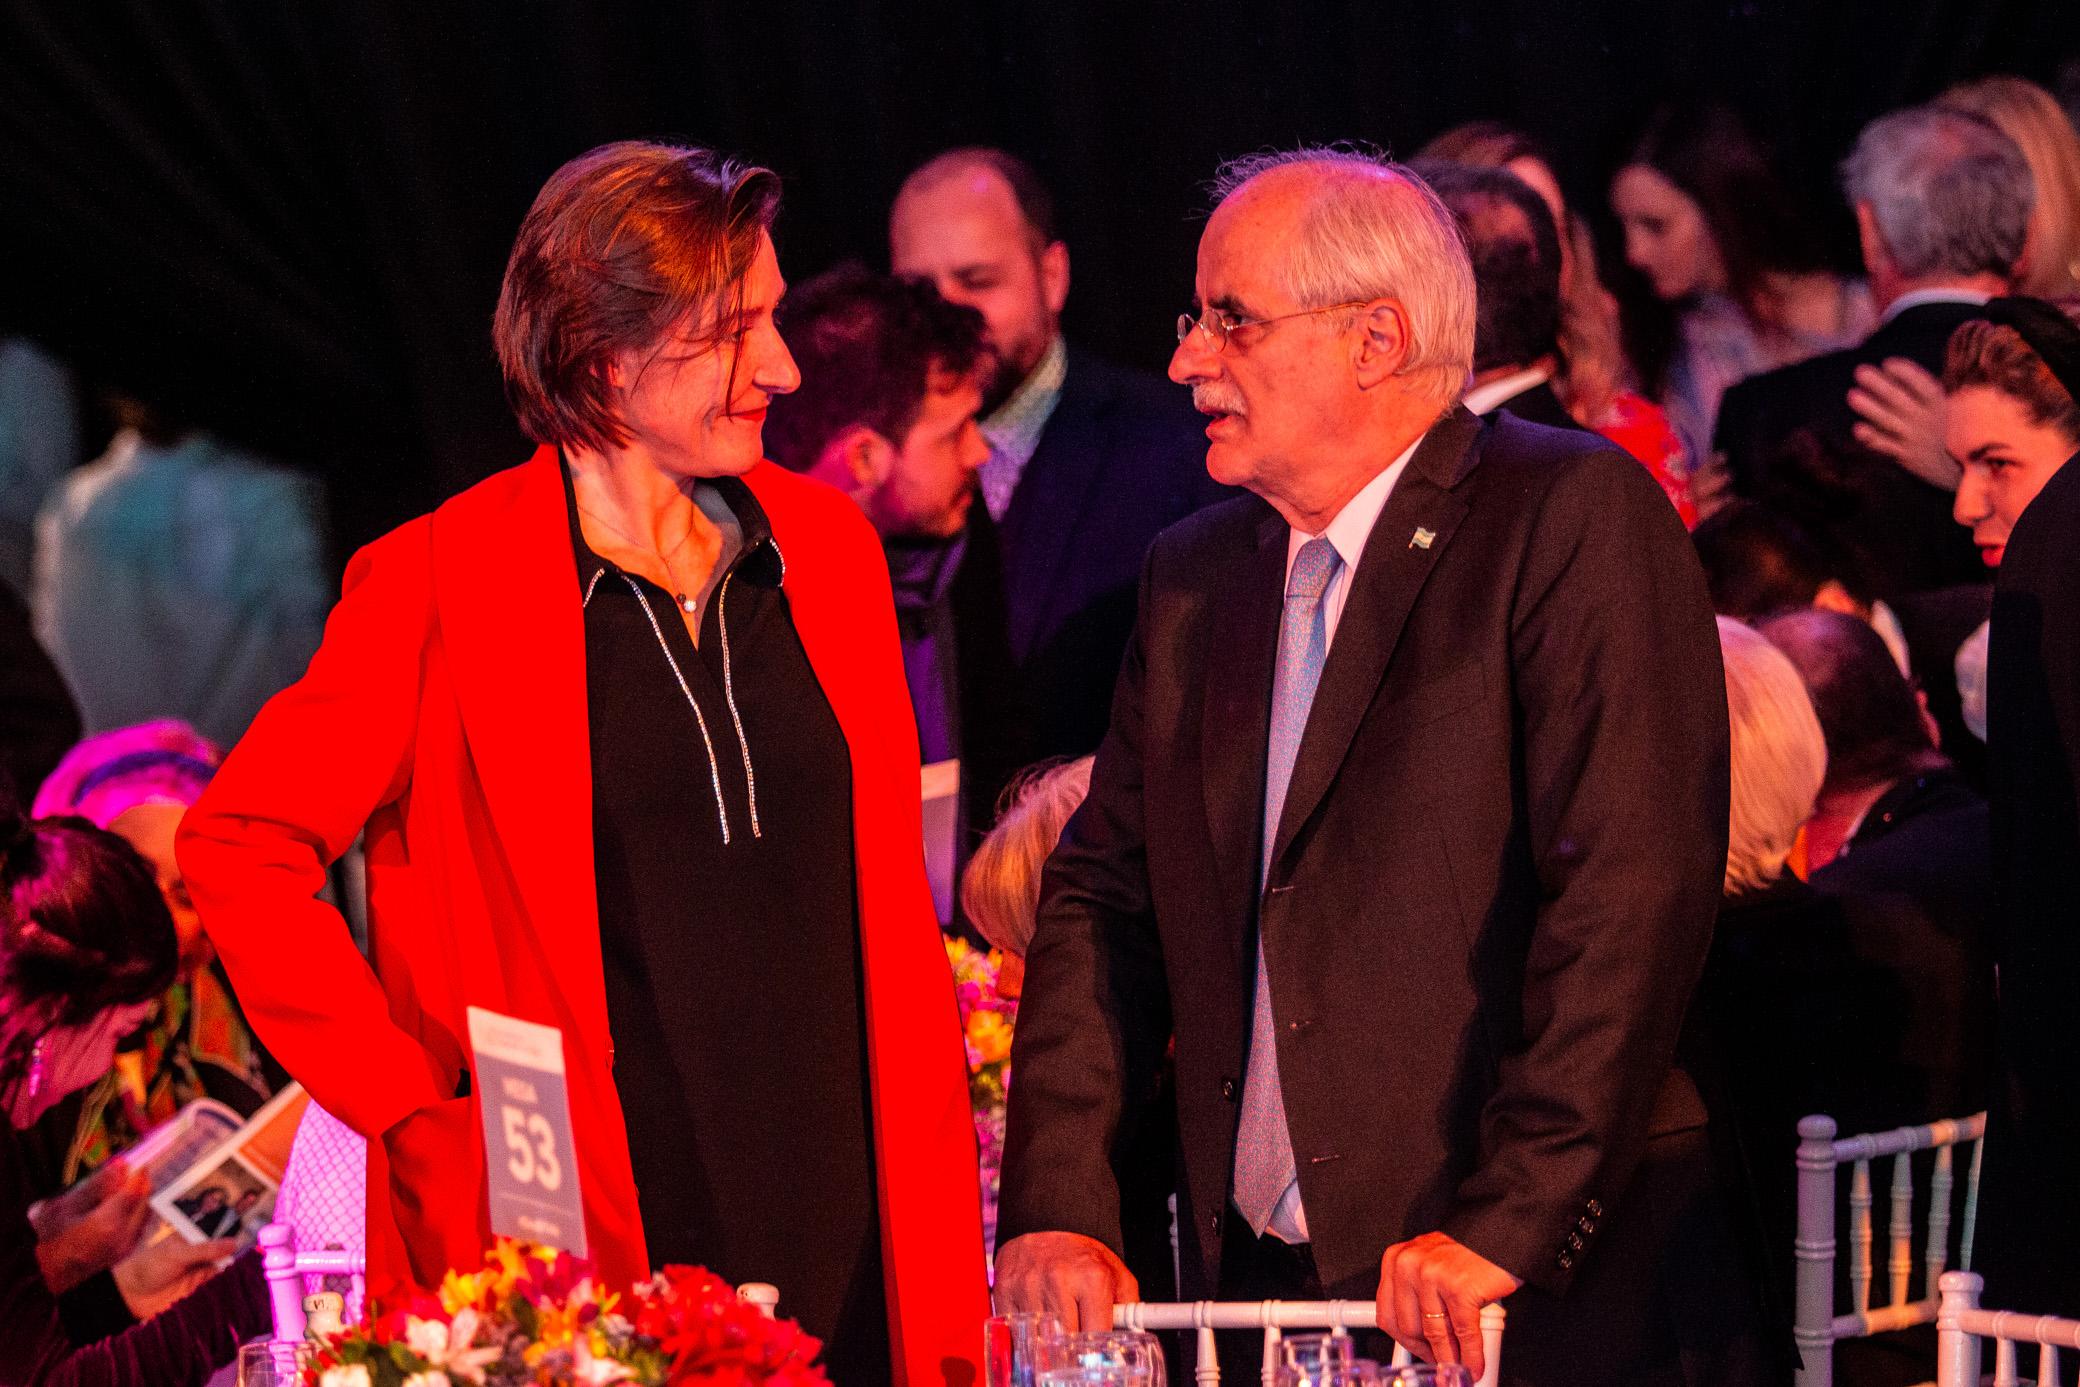 Aude Maio-Coliche, embajadora de la Unión Europea en la Argentina, y el diputado del Parlasur, Jorge Taiana, ex Canciller de la Nación